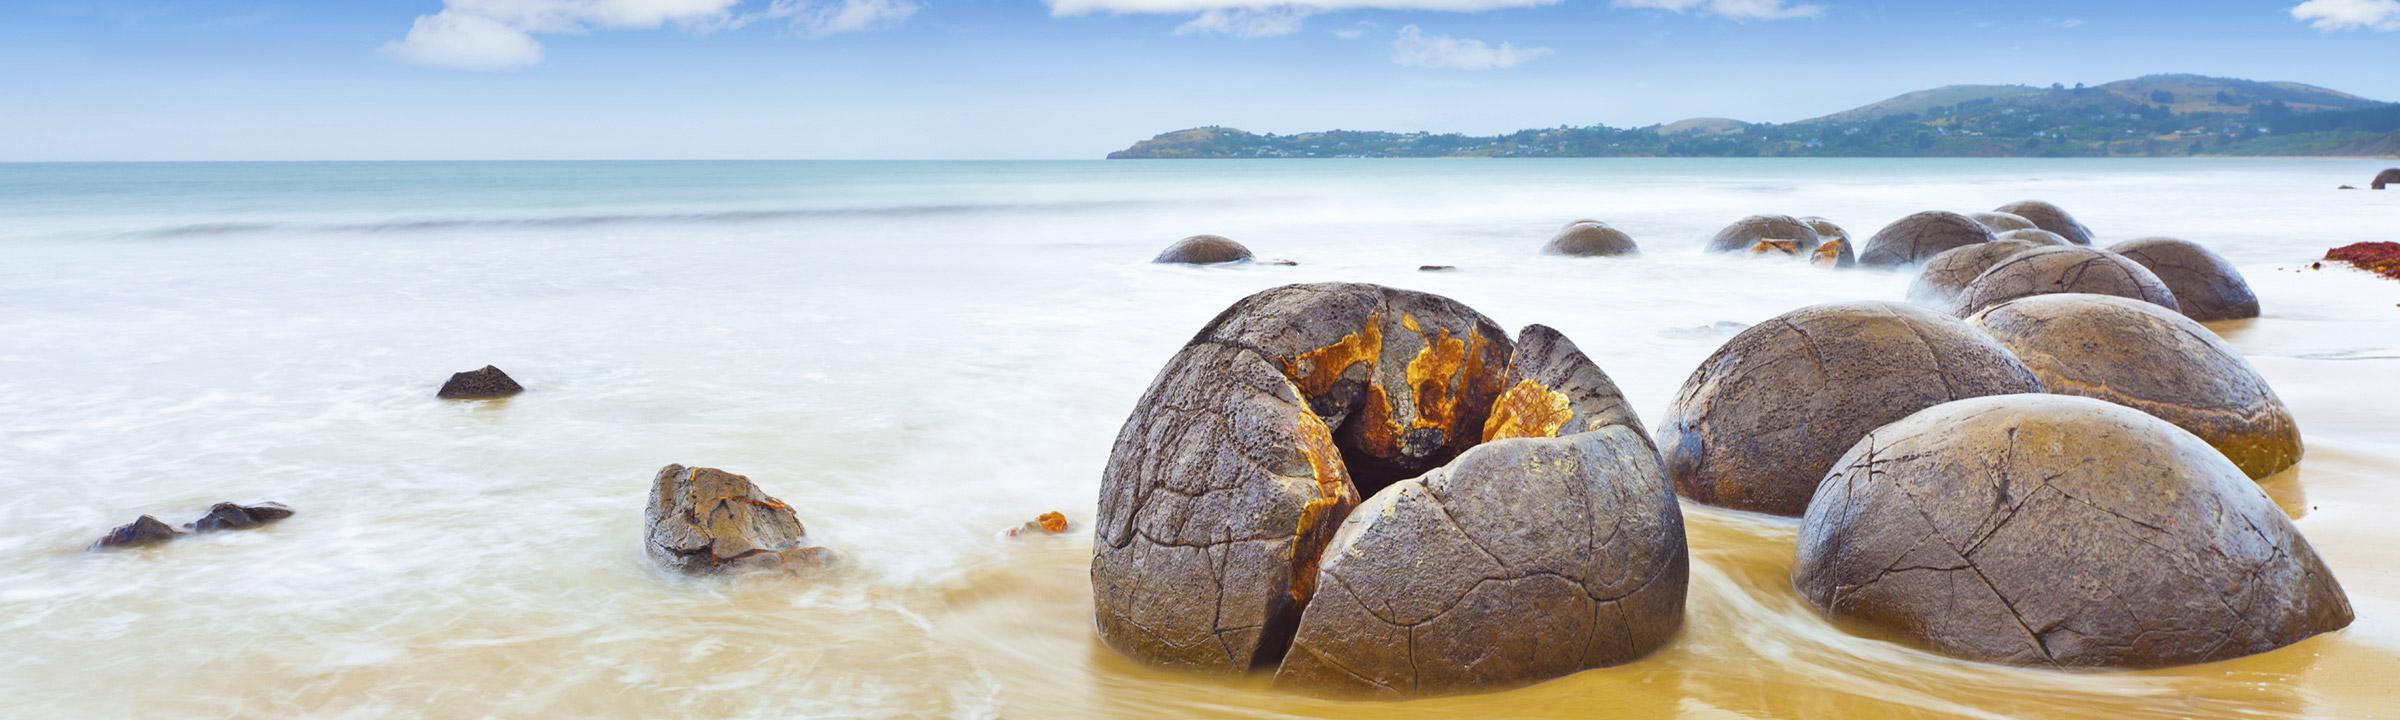 Tourism business konstantin zankov. Boulder clipart sea rock